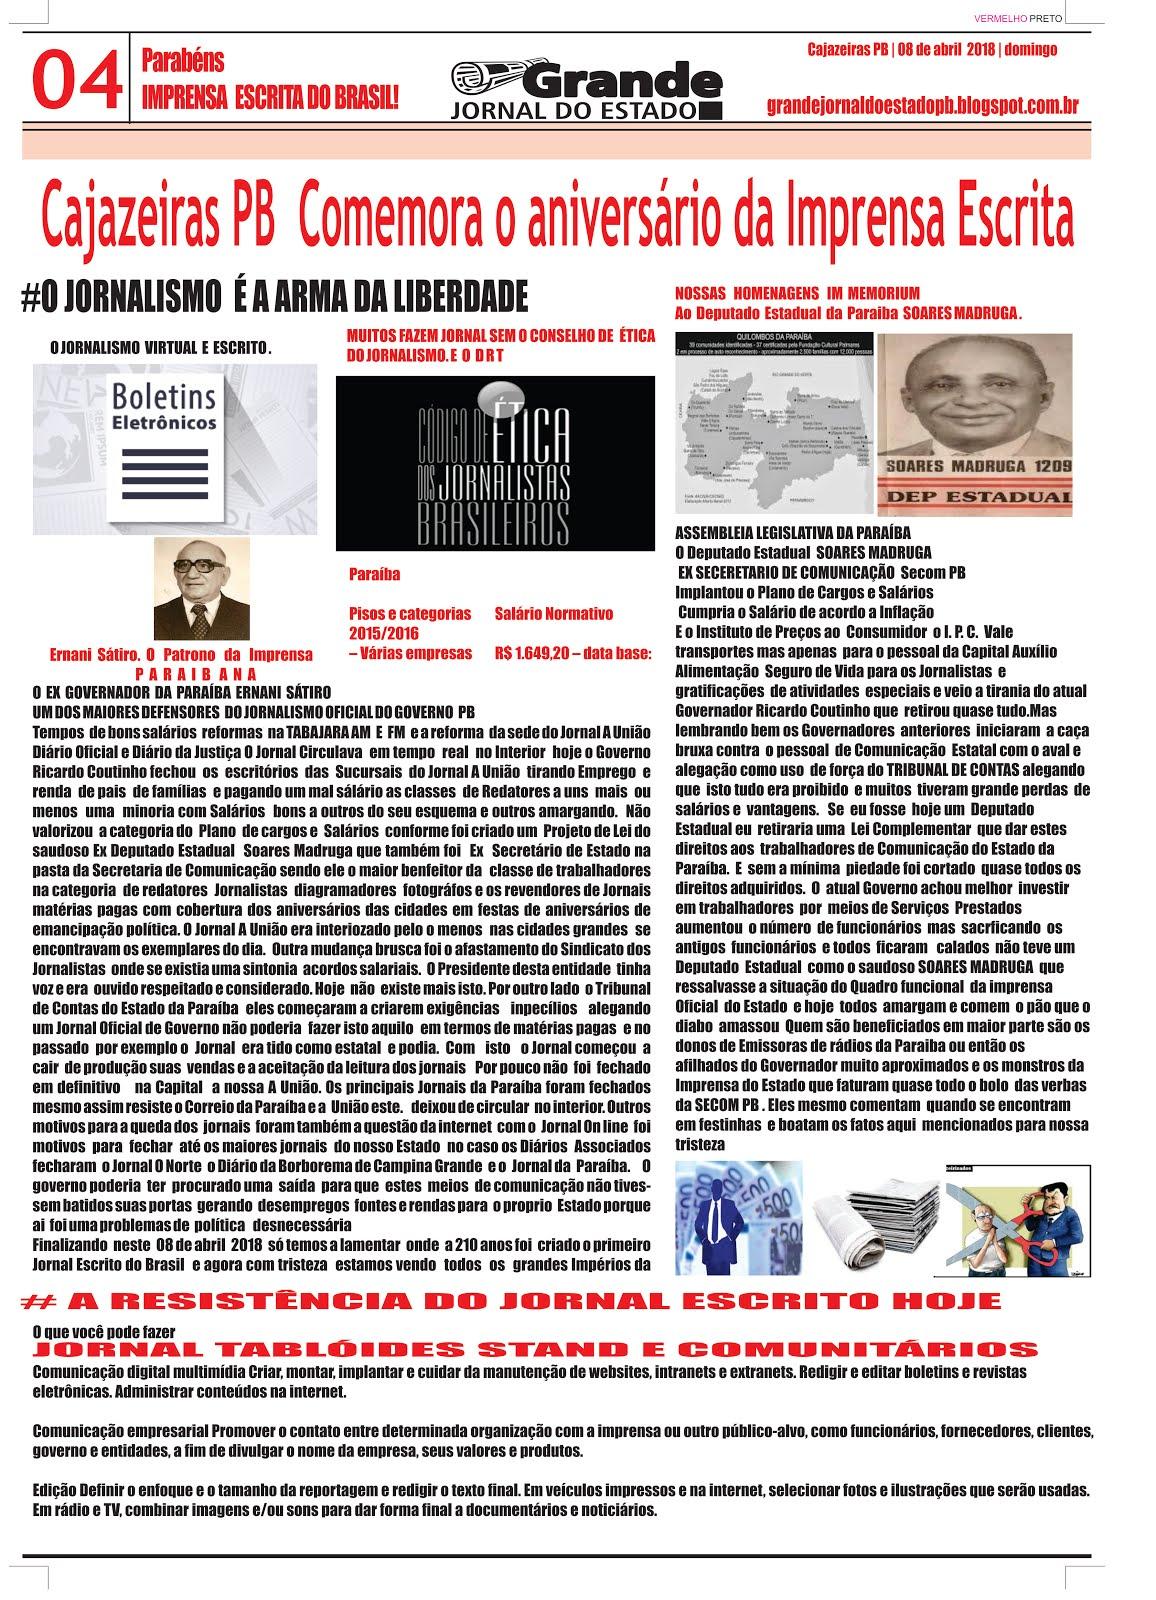 GRANDE JORNAL DO ESTADO  TEMA   O JORNALISMO DA PARAÍBA  ESTA FALIDO